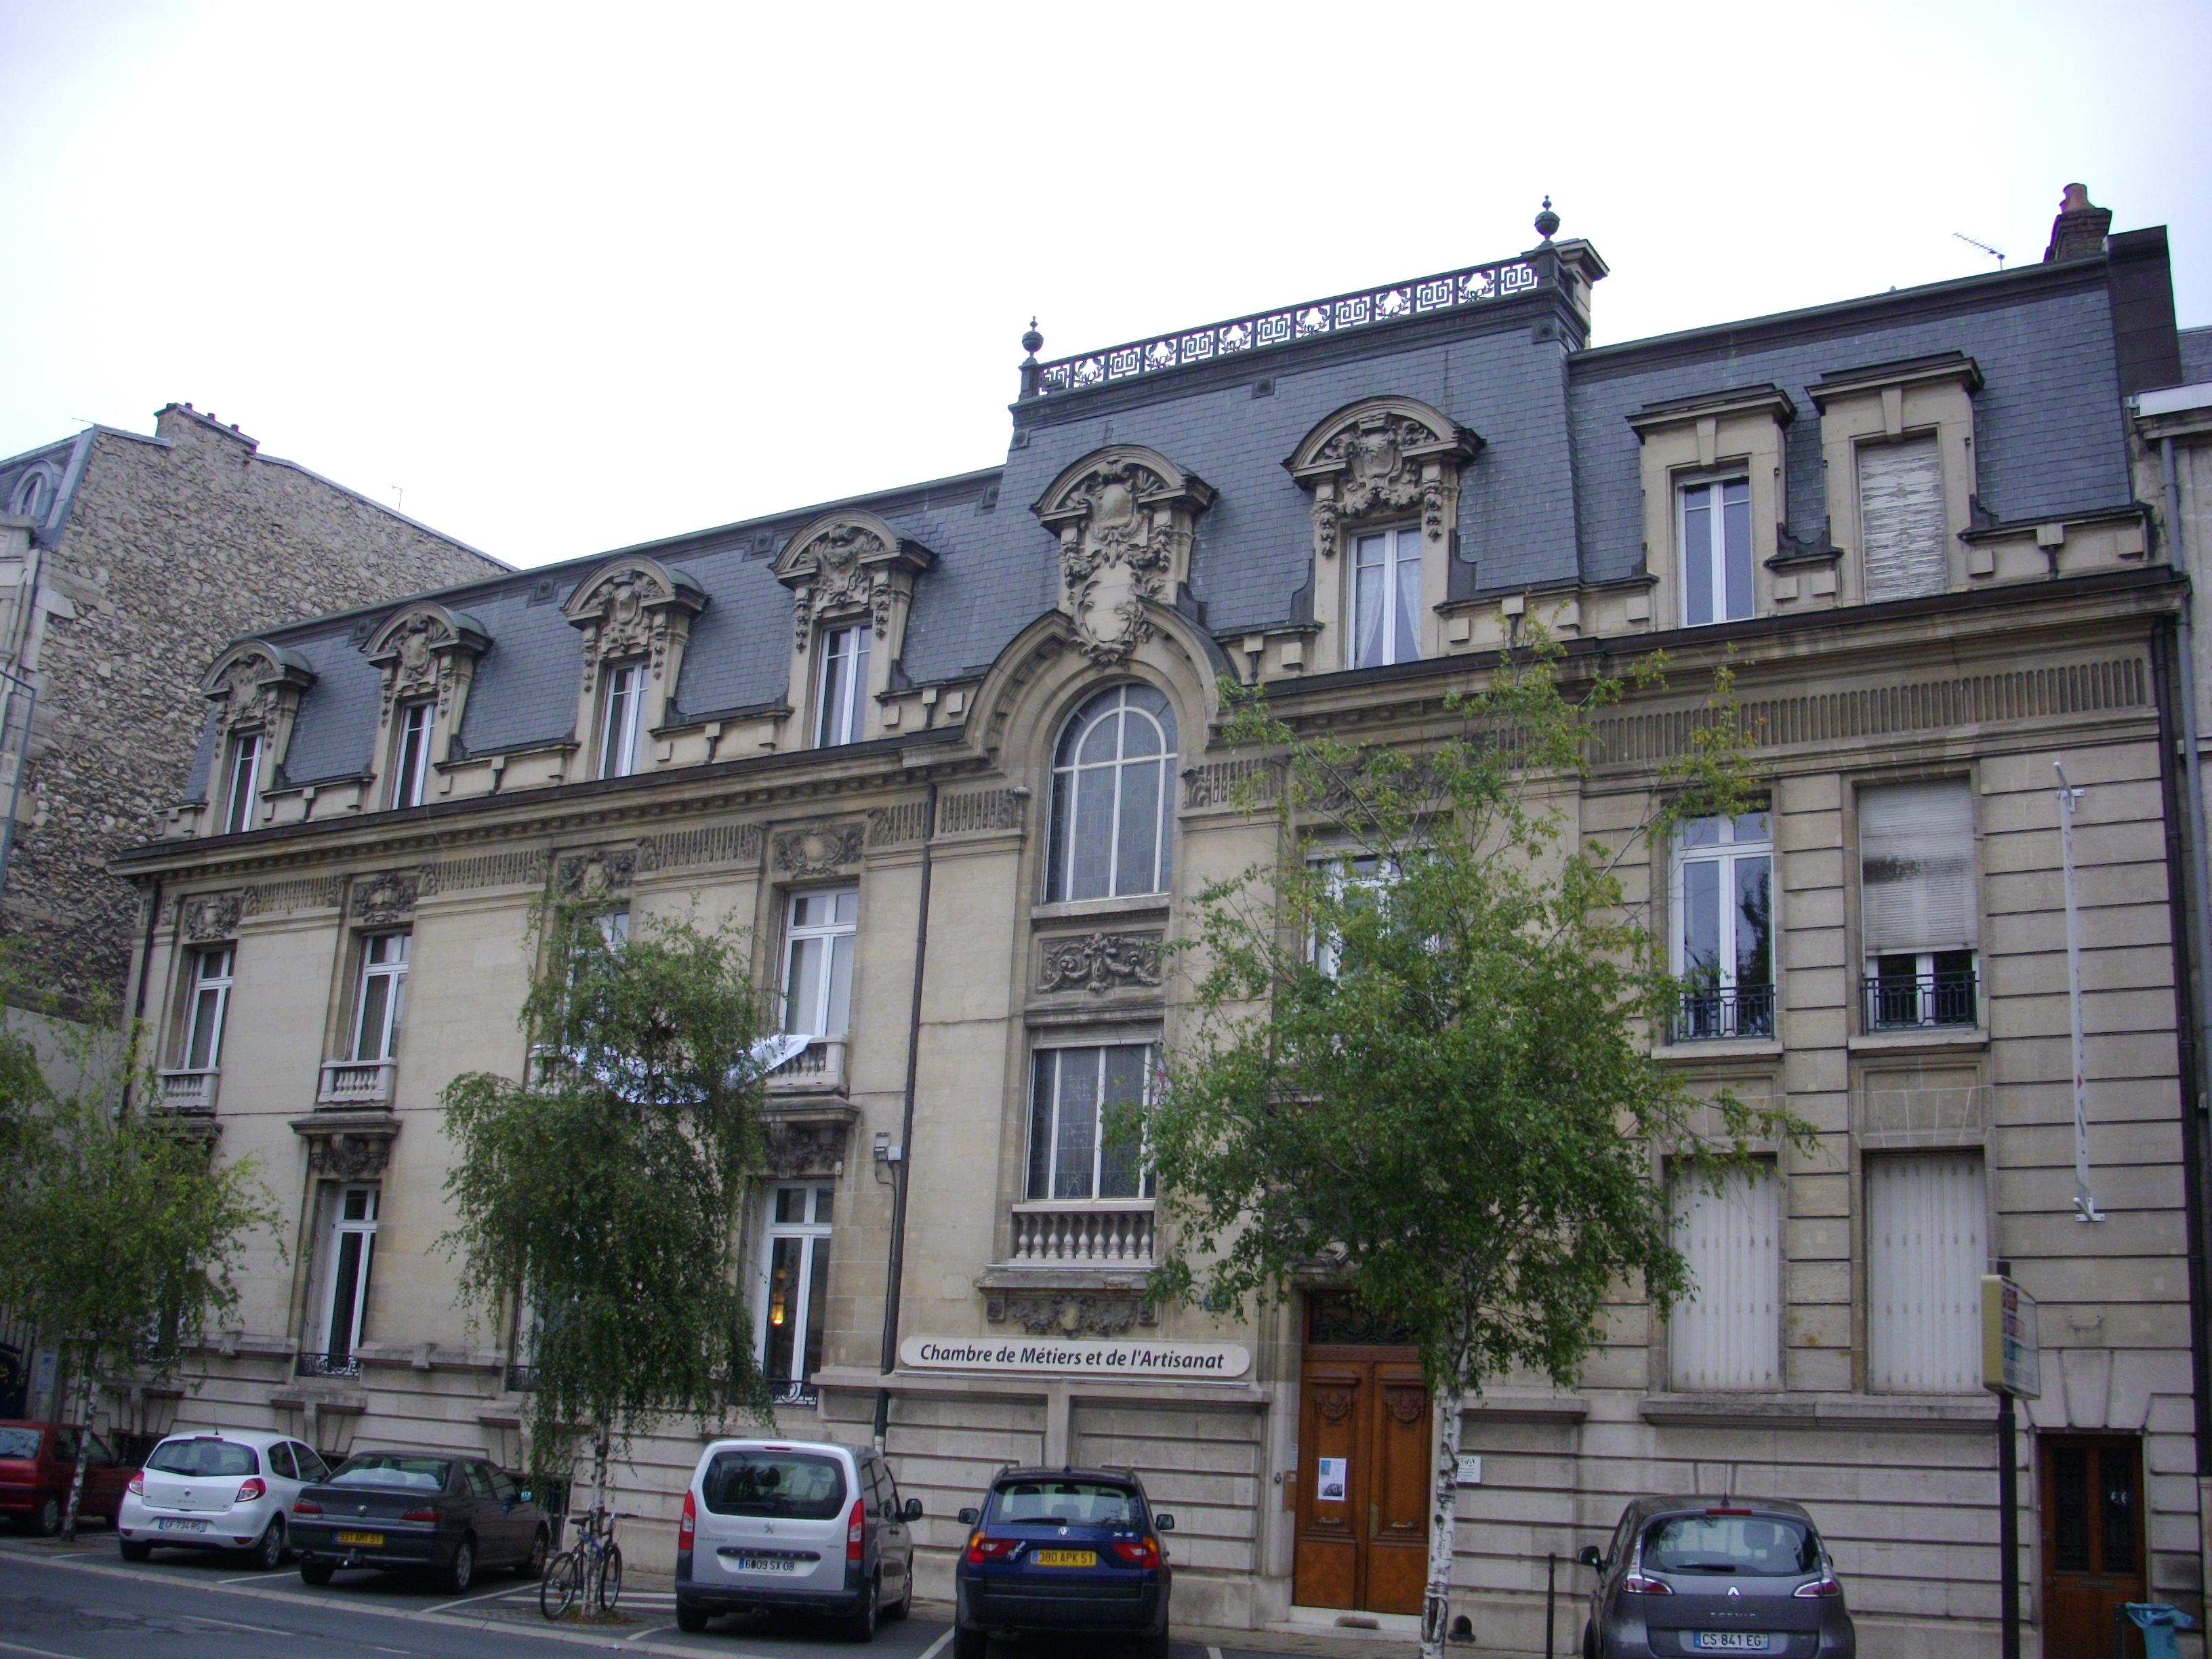 File:reims - Chambre Des Métiers - Wikimedia Commons concernant Chambre Des Metiers Blois